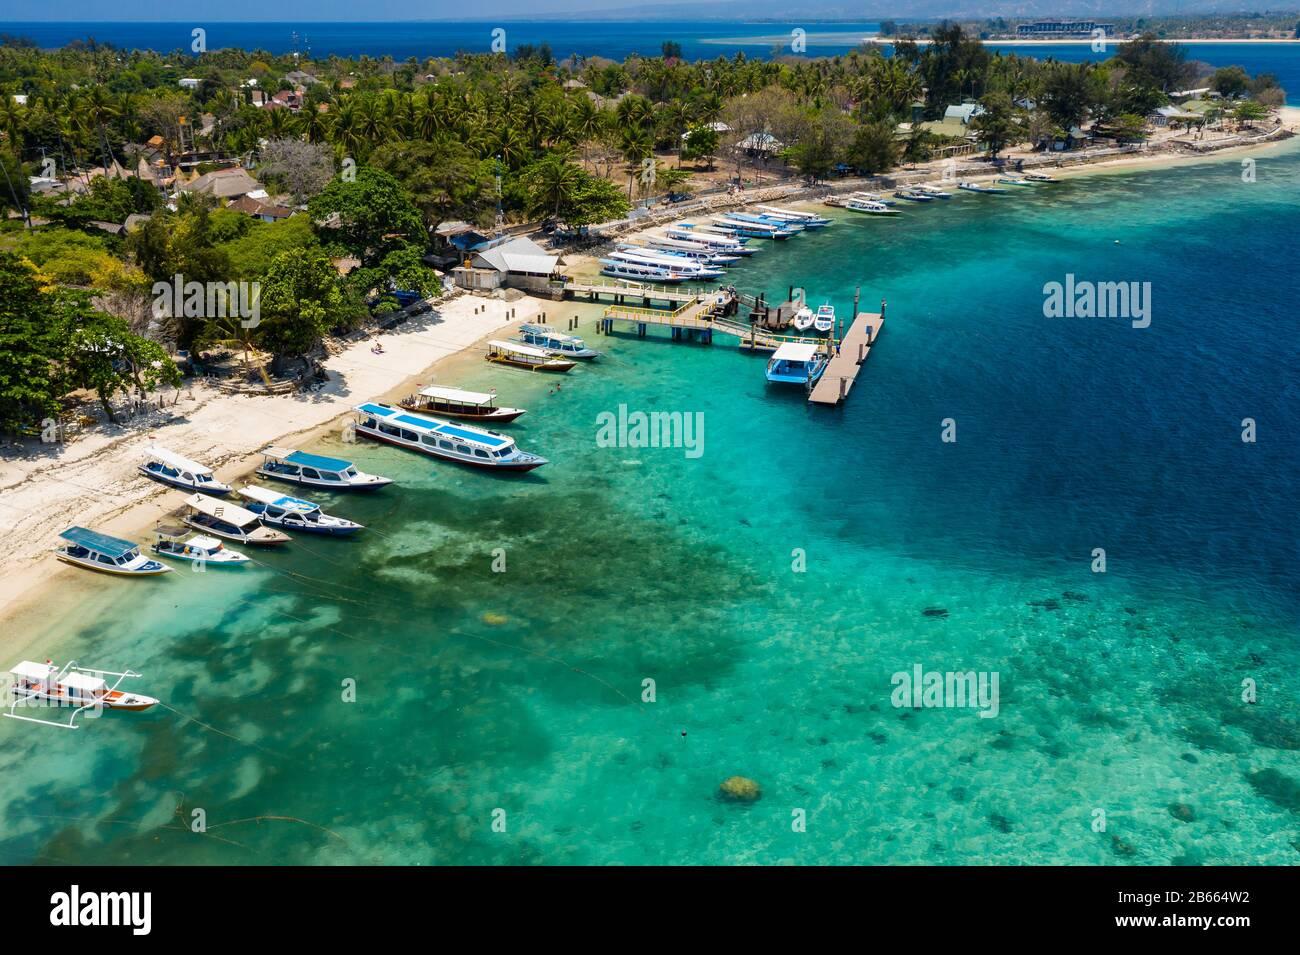 Vista aérea de barcos amarrados en un hermoso arrecife de coral tropical y la playa en una pequeña isla (Gili Air, Indonesia) Foto de stock